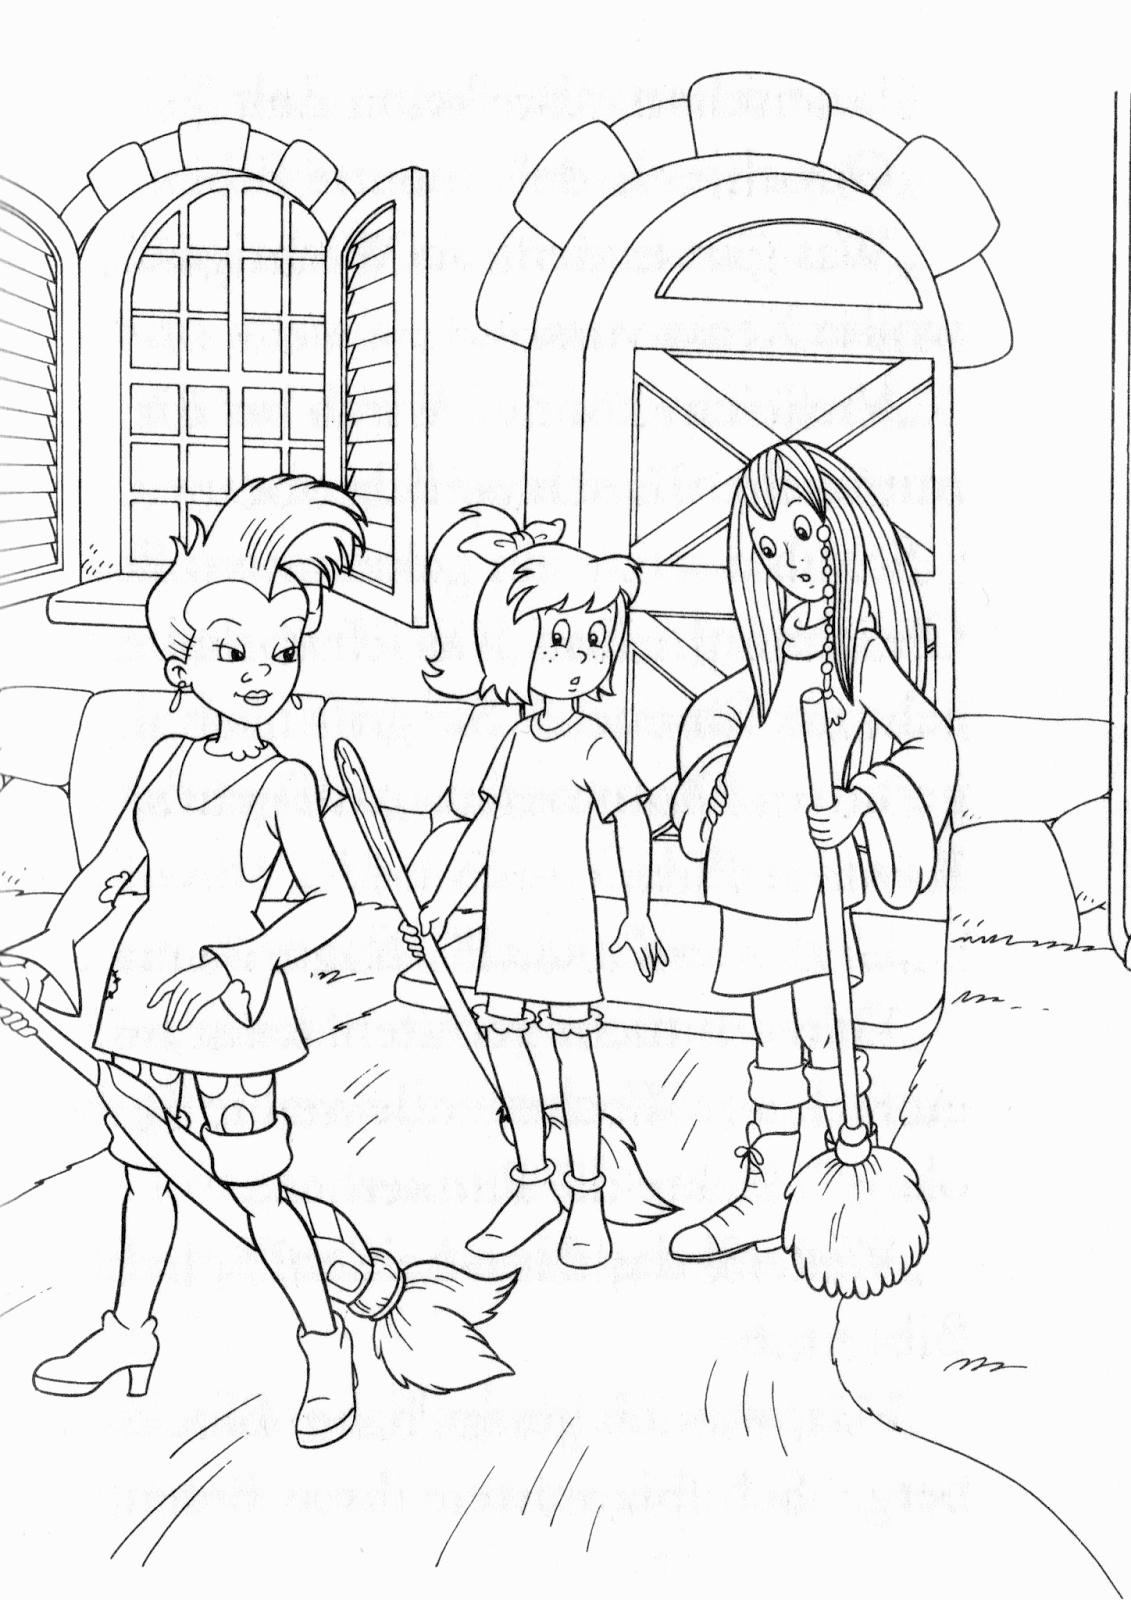 Ausmalbilder Bibi Und Tina Zum Ausdrucken - kinderbilder